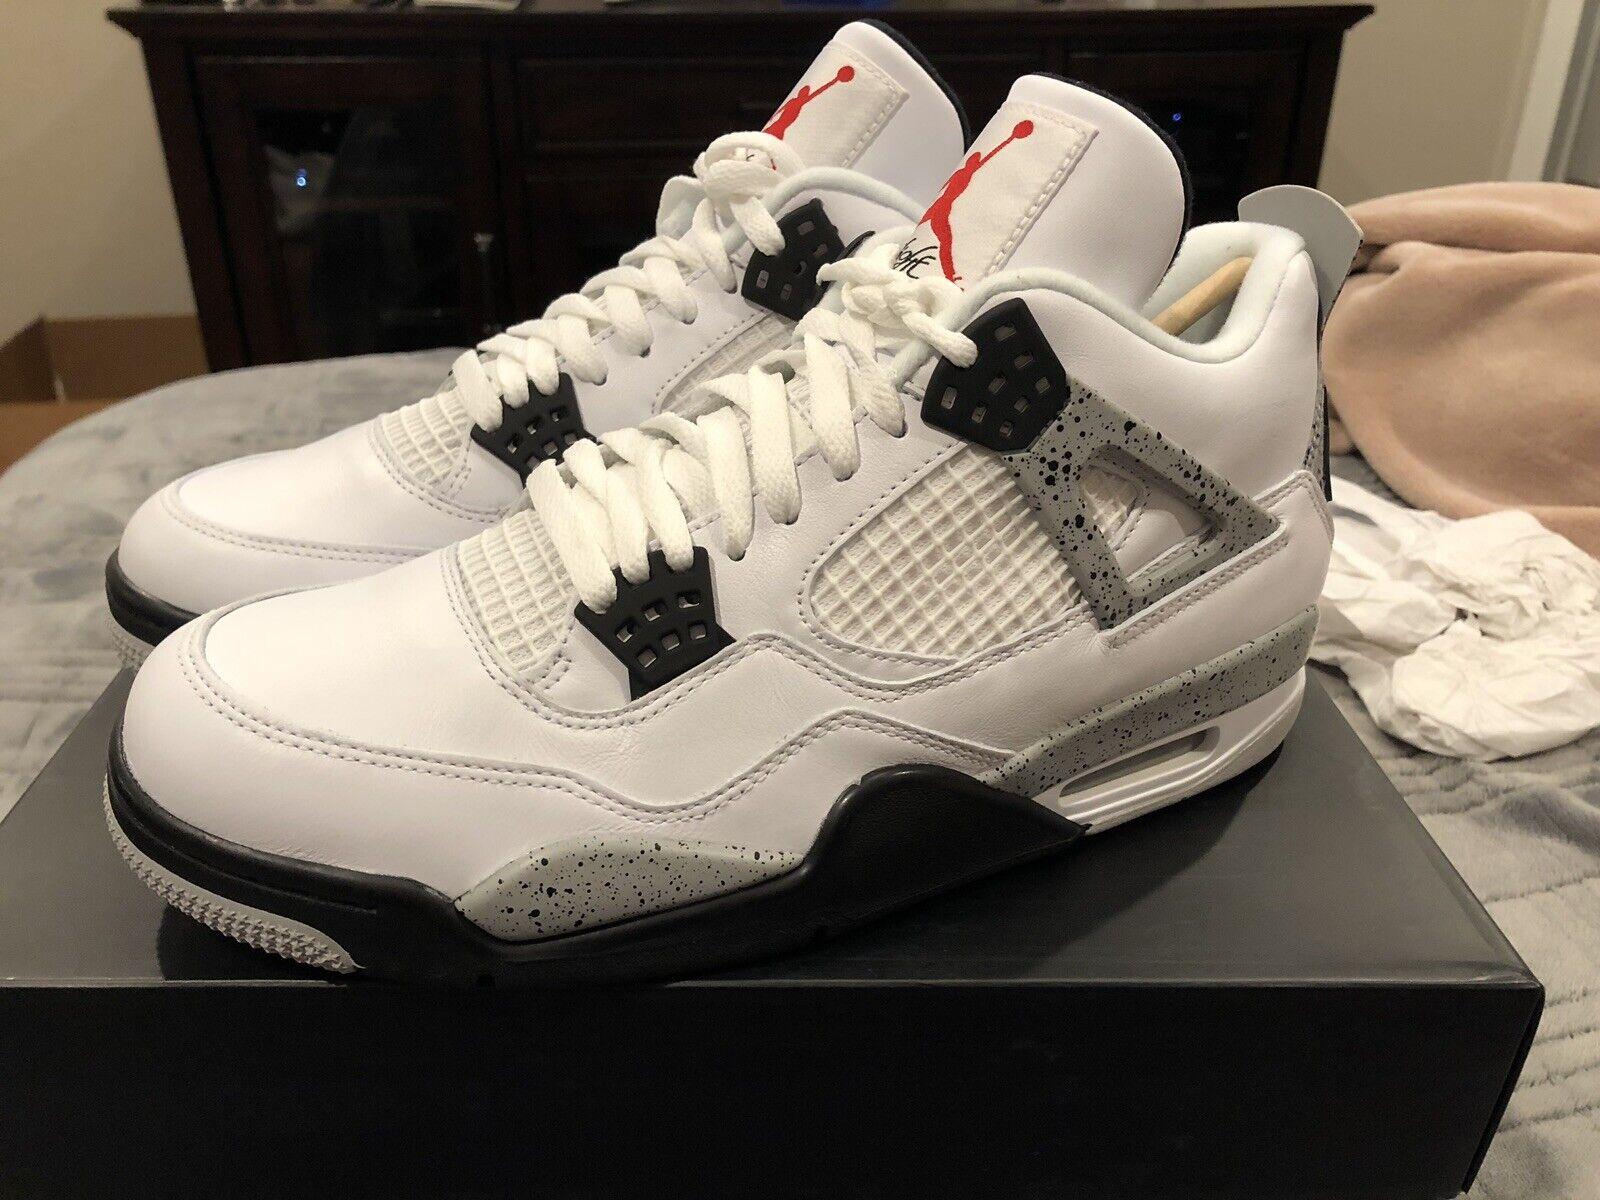 Air Jordan Retro 4 OG White Cements